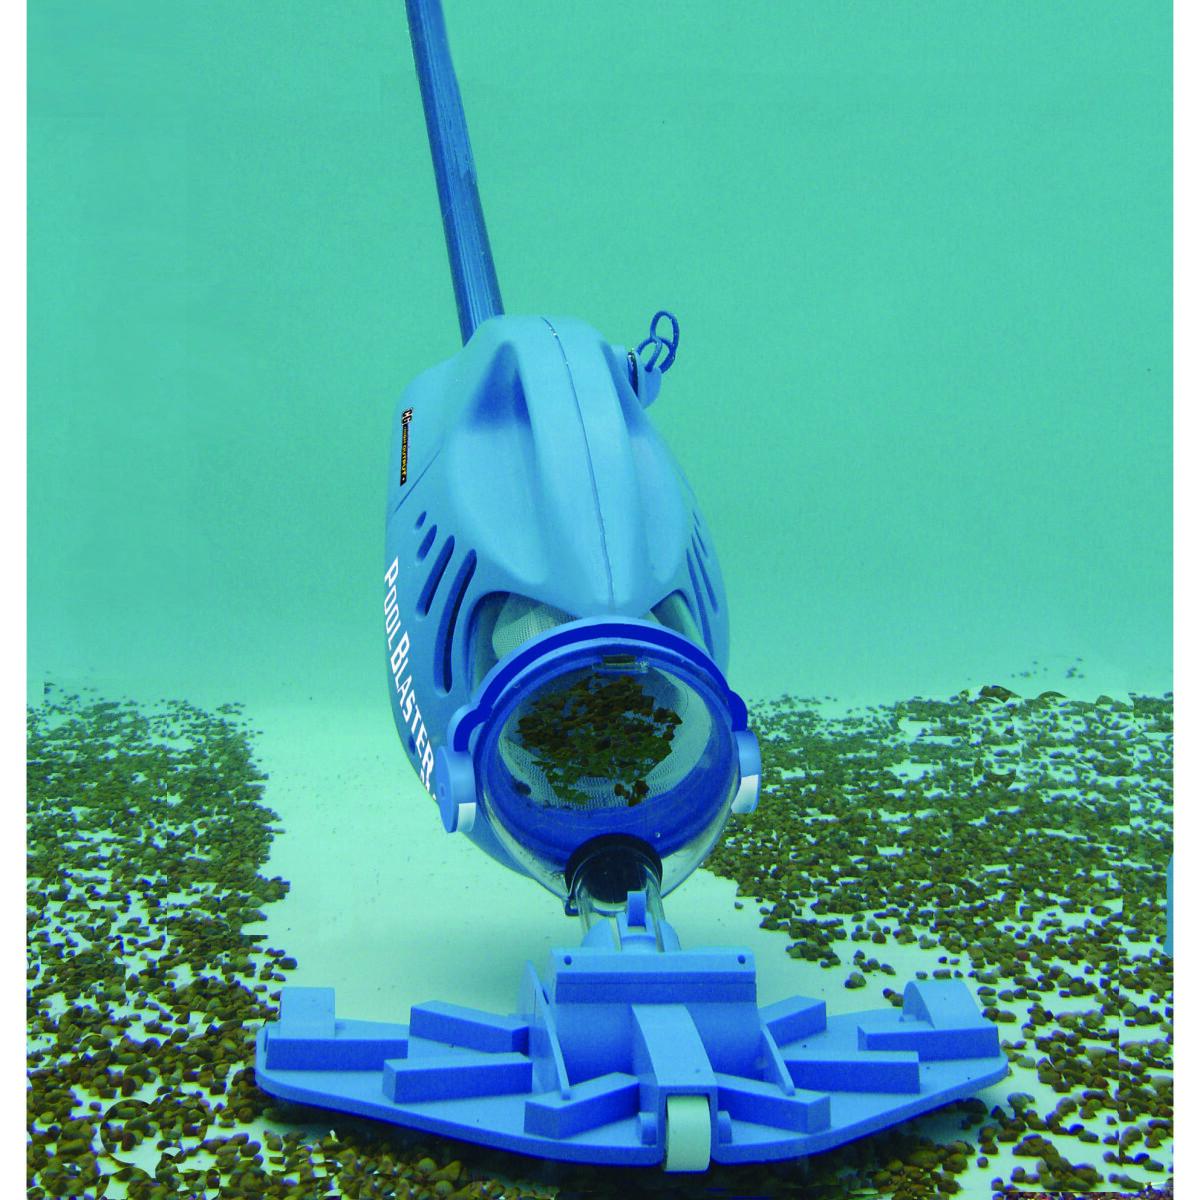 Ручной пылесос Watertech Pool Blaster MAX CG (Li-ion)-5